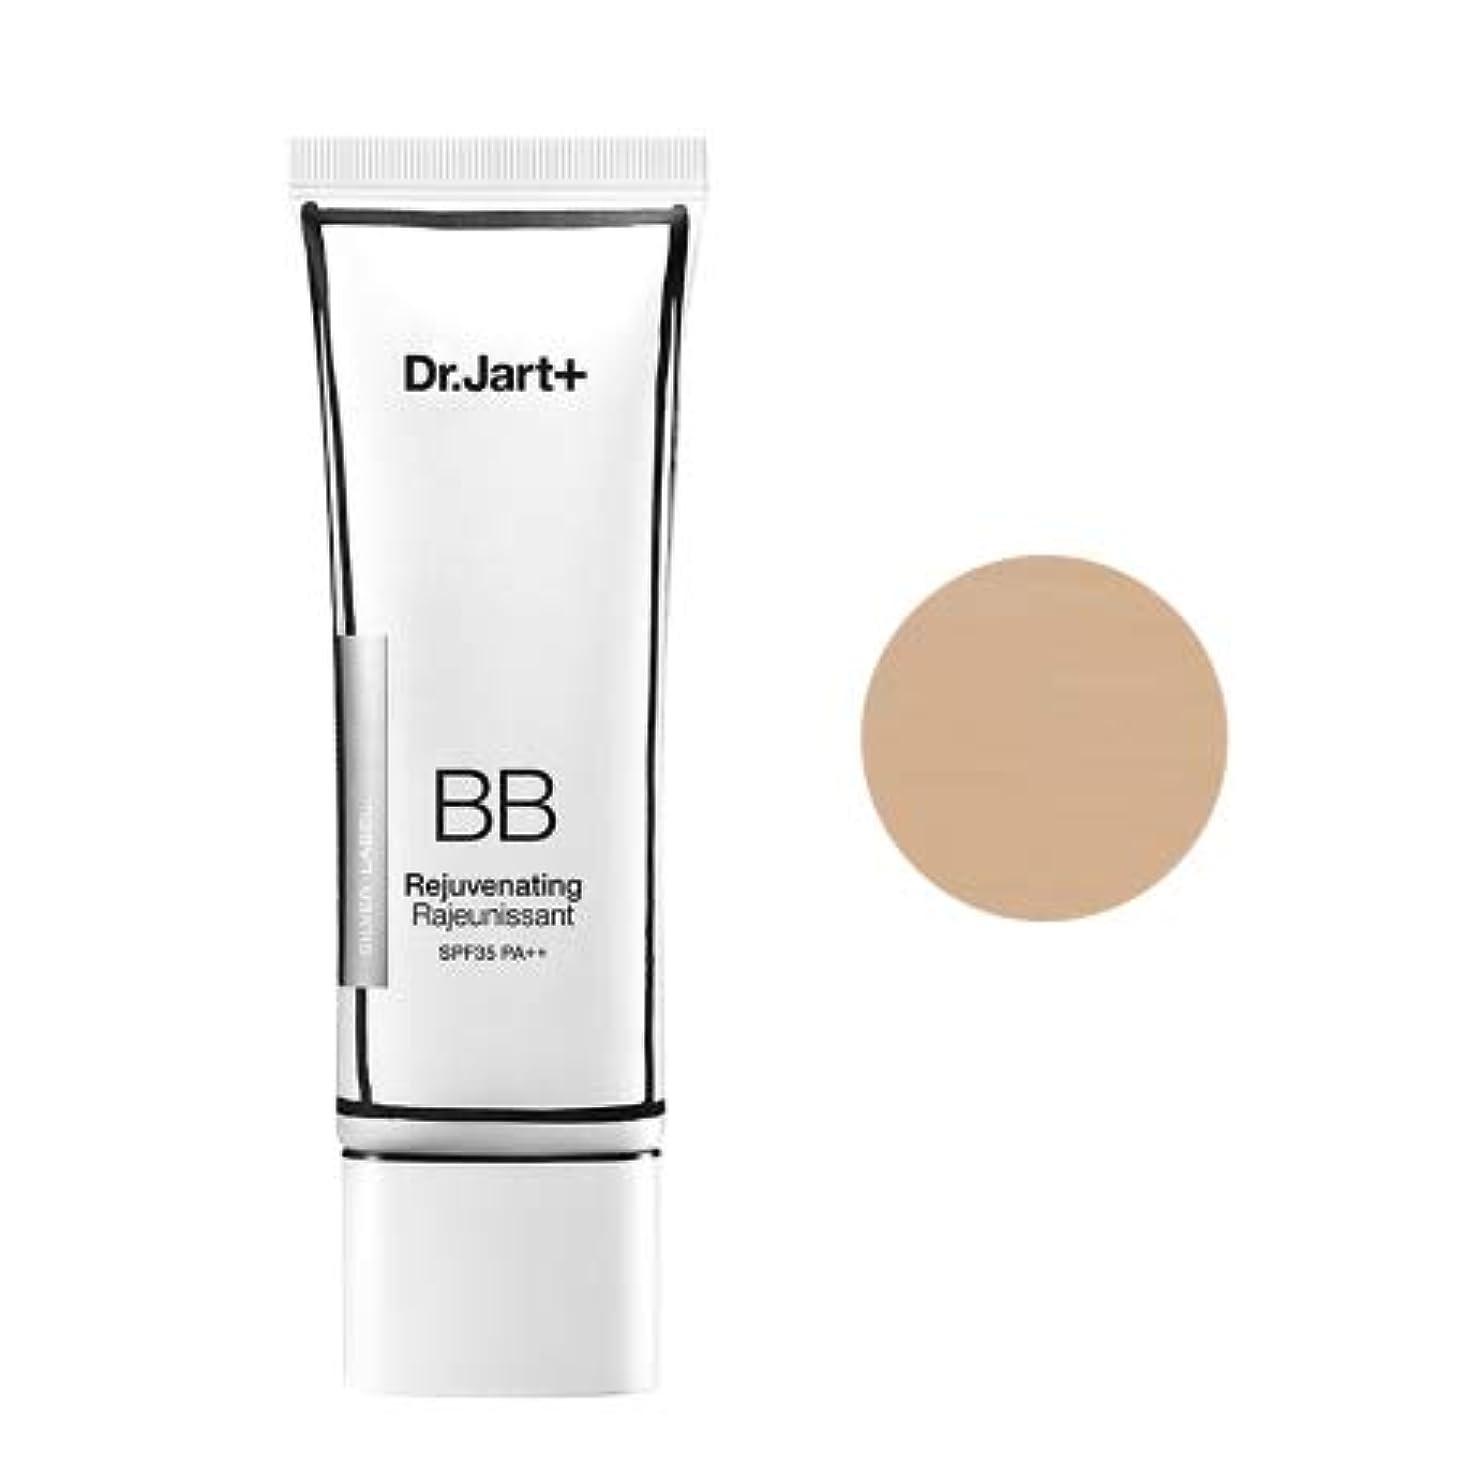 脅迫湿気の多い湿度[Upgrade] Dr.Jart+Dermakeup Rejuvenating Beauty Balm SPF35 PA++ 50ml /ドクタージャルトゥザメーキャップリージュビネイティンビューティーバーム SPF35...